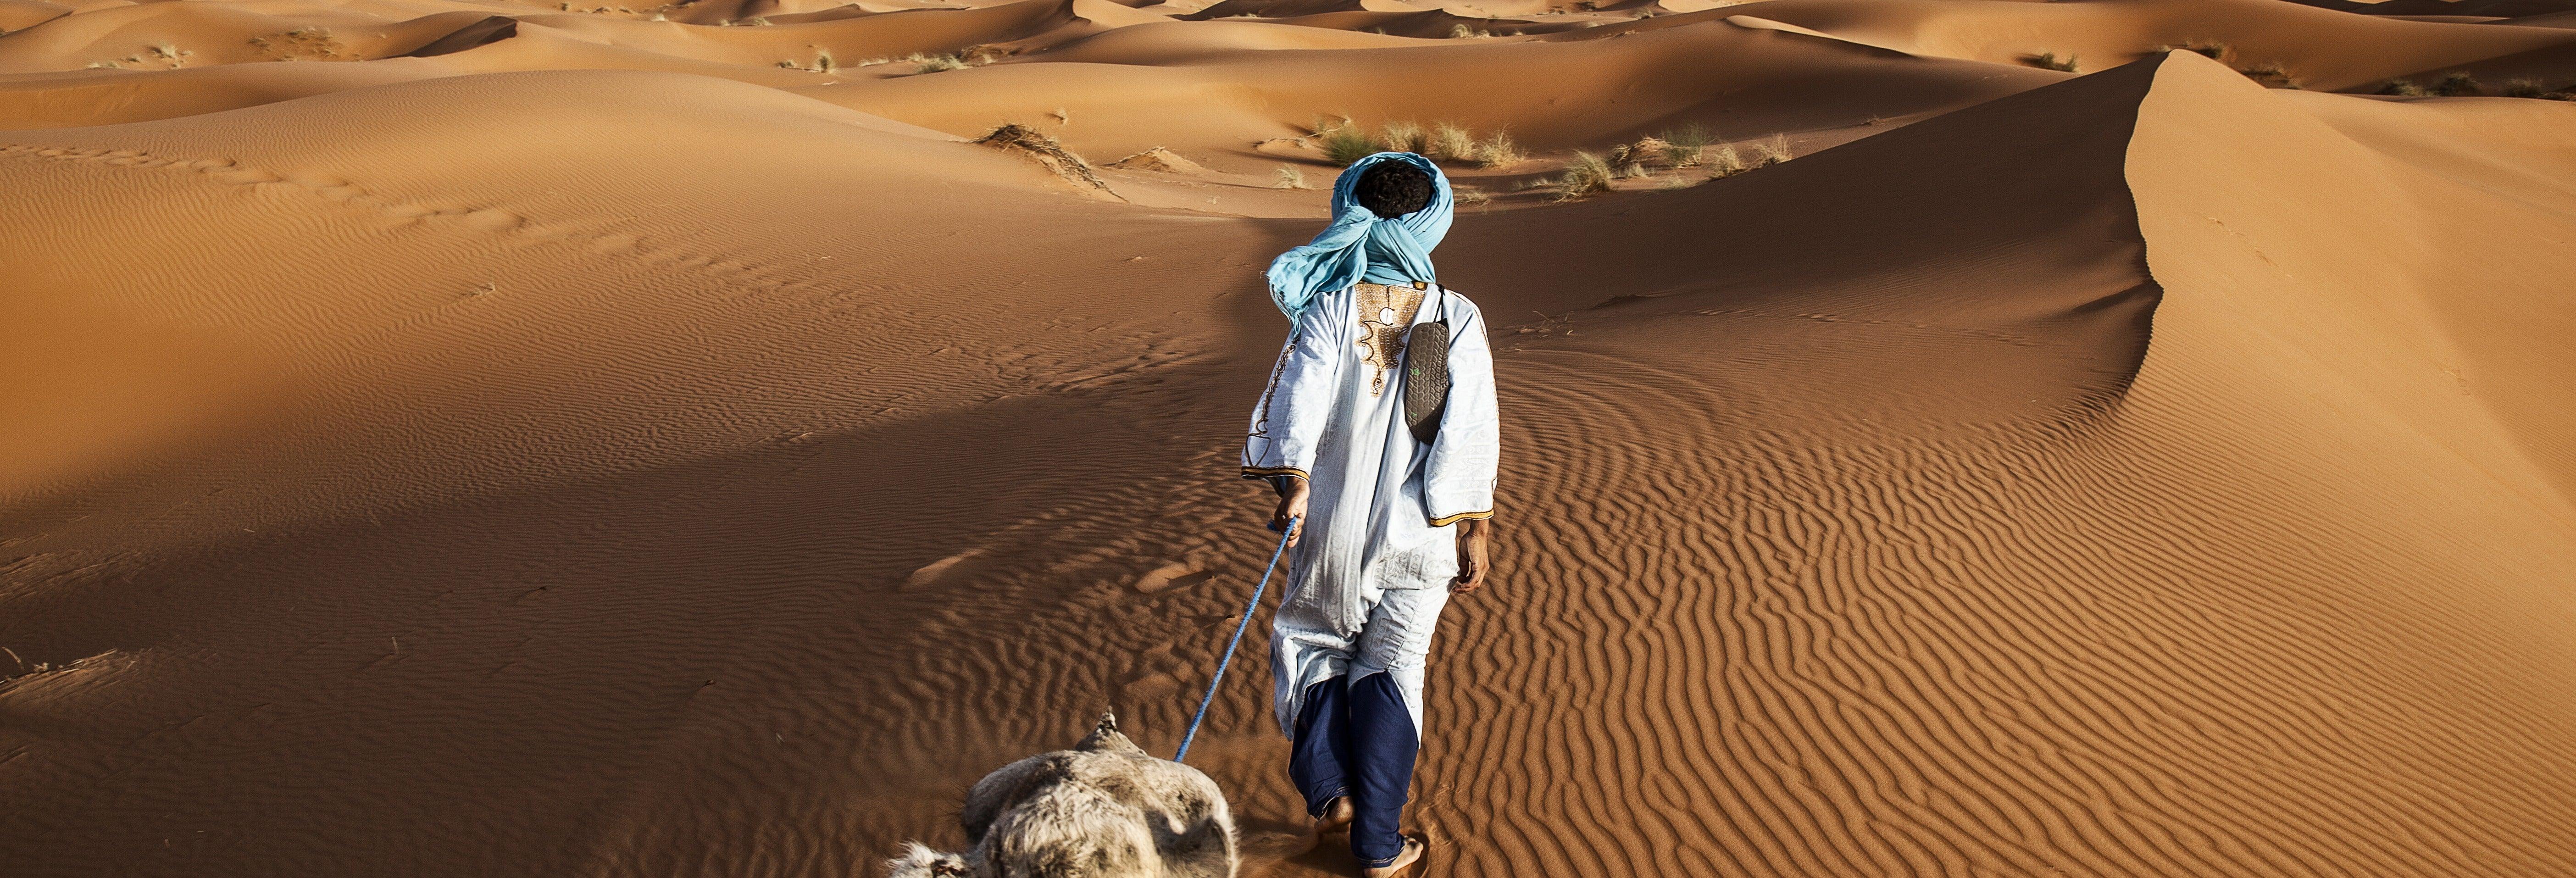 Excursion de 4 jours dans le désert de Merzouga